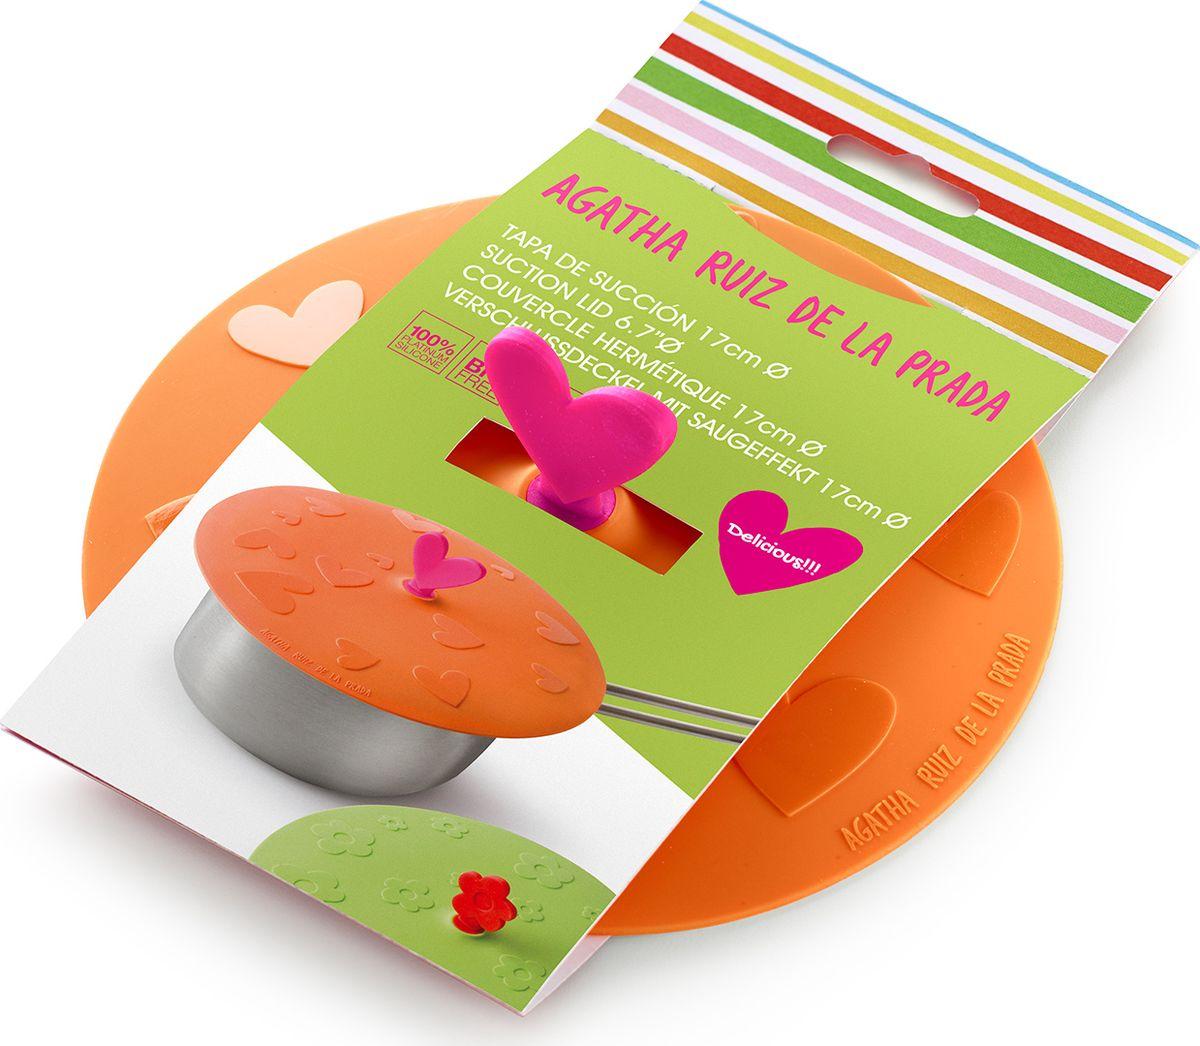 """Крышка герметичная Lekue """"Agatha. Сердце"""" - крышка в которой объединились опыт в производстве высоко-качественный посуды от Lekue и уникальный штрих от модного дизайнера.  Для хранения и жарки. Новинкой в области кухонных принадлежностей стали силиконовые крышки. Уникальный материал позволяет крышкам герметично закрывать посуду независимо от диаметра.   Силикон способен выдерживать большие перепады температур, не теряя своих свойств, поэтому крышки можно использовать для хранения приготовленных продуктов в холодильнике. Проблема неприятных запахов в холодильнике будет решена навсегда, потому что крышки плотно закрывают посуду, препятствуя распространению запахов.   Силиконовые крышки очень удобны в использовании и позволяют хранить продукты без доступа воздуха, чтобы они оставались свежими в течение нескольких дней.  Теперь, имея под рукой такие практичные, удобные компактные силиконовые крышки, хозяйке не надо будет беспокоиться о продуктах, которые надо сохранить в холодильнике, перевезти на дачу или взять с собой на пикник. Уникальная силиконовая крышка гарантирует наилучший результат, если необходимо сохранить сочность и аромат приготовленных продуктов!  Силиконовые крышки герметично закроют любую посуду - от кастрюль и сковородок до тарелок и стаканов. Они практичны: не боятся высоких температур (до +260 градусов) и пригорания продуктов, не бьются, легко моются, компактны и удобны в хранении."""